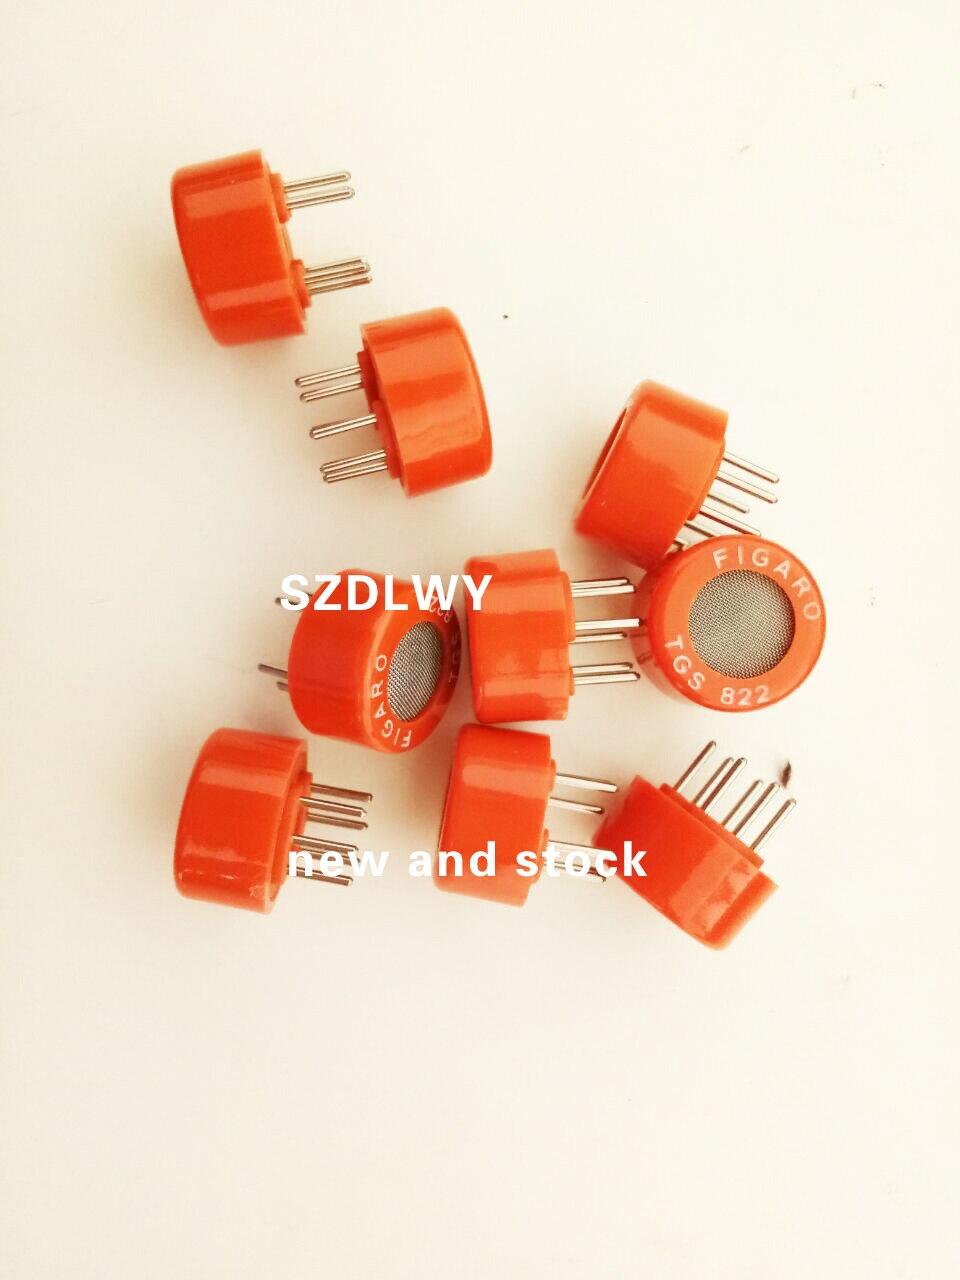 Guaranteed 100 TGS822 Alcohol sensor new original stock